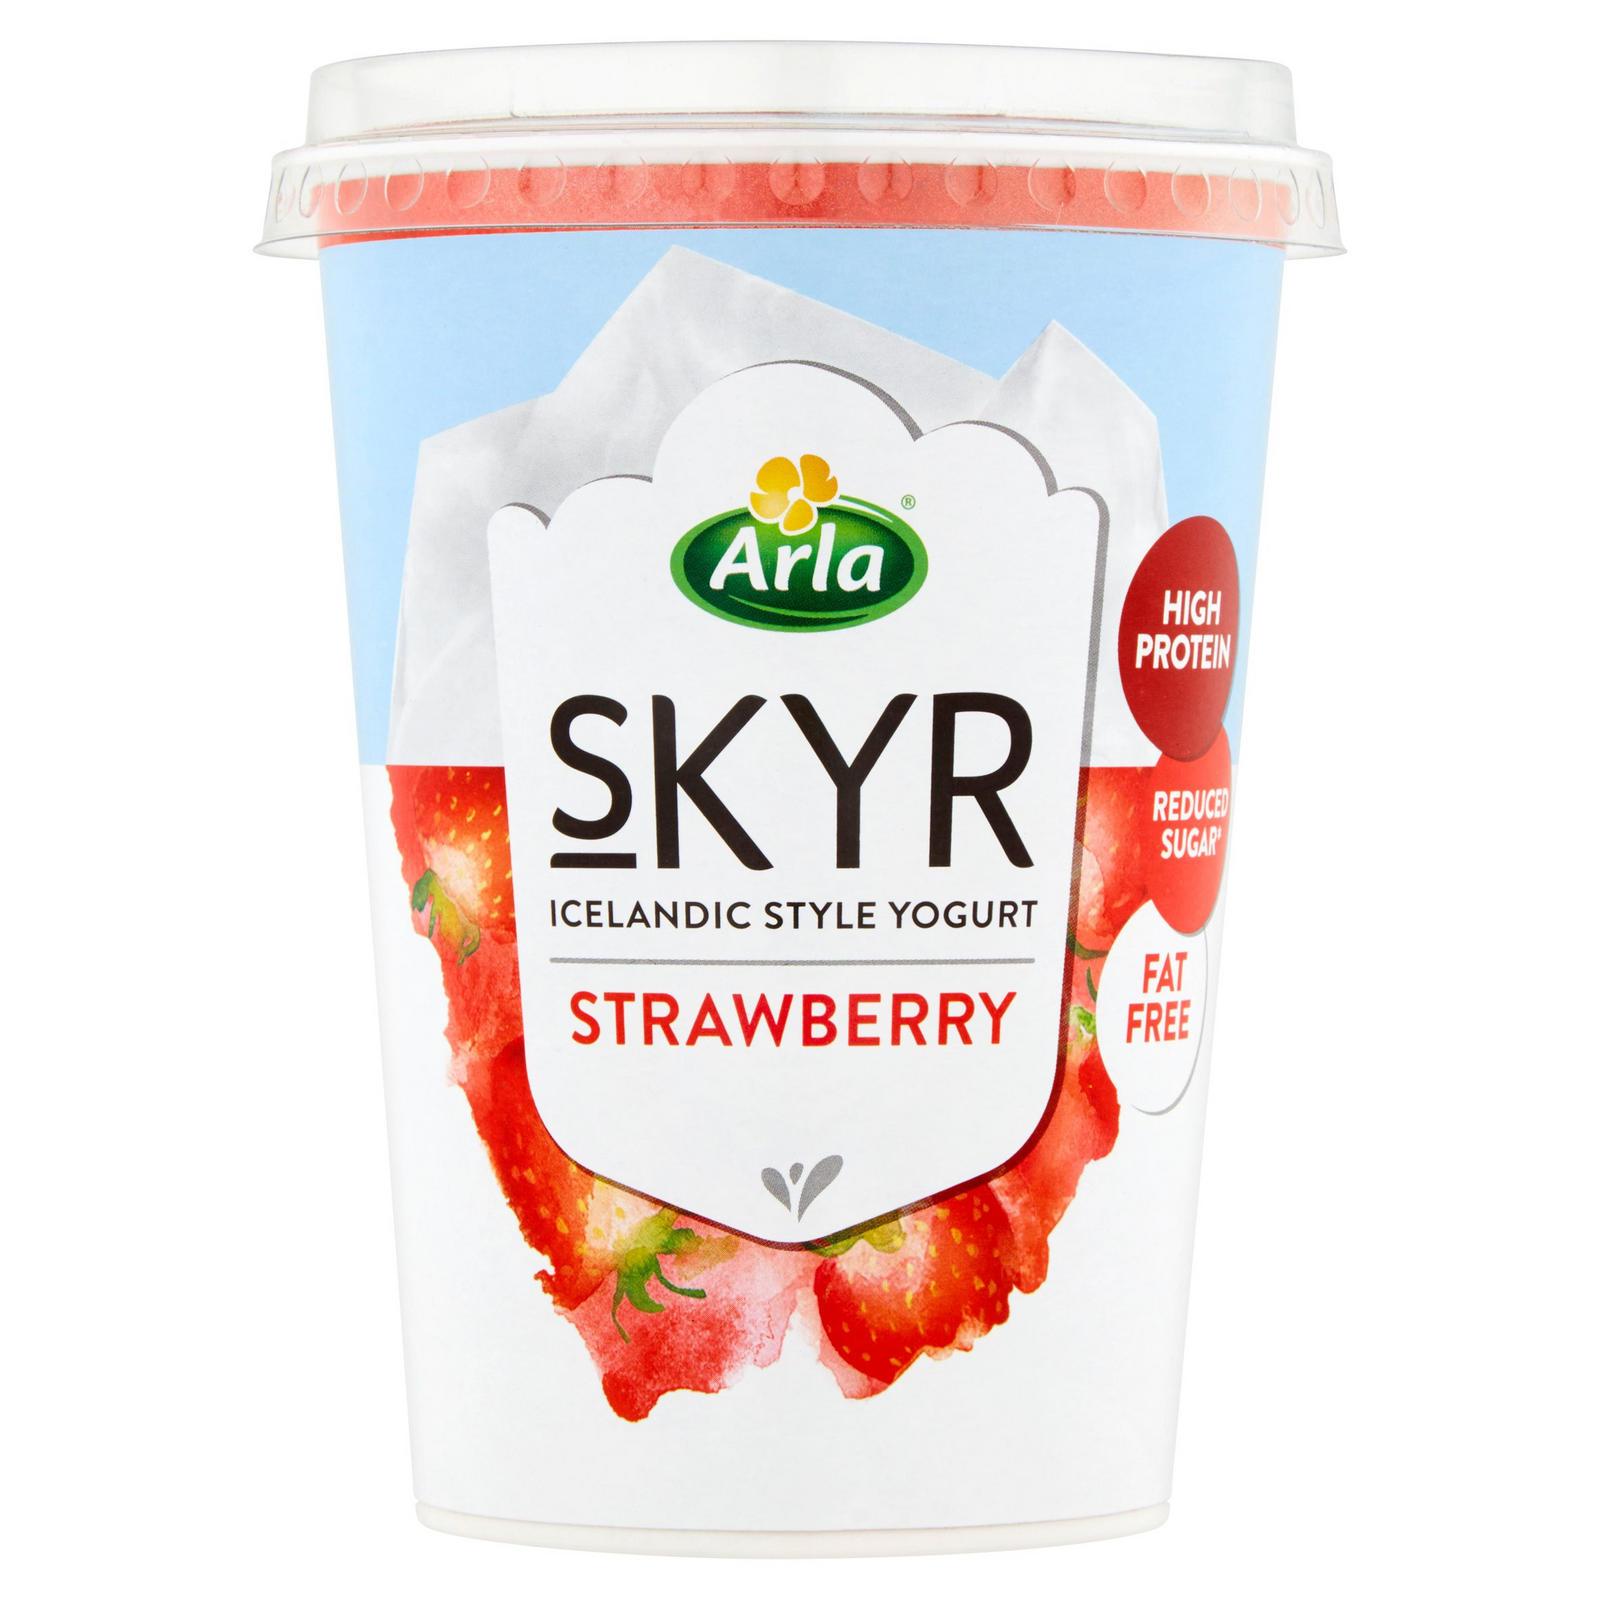 Arla Skyr Icelandic Style Strawberry Yogurt 450g | Low Fat ...